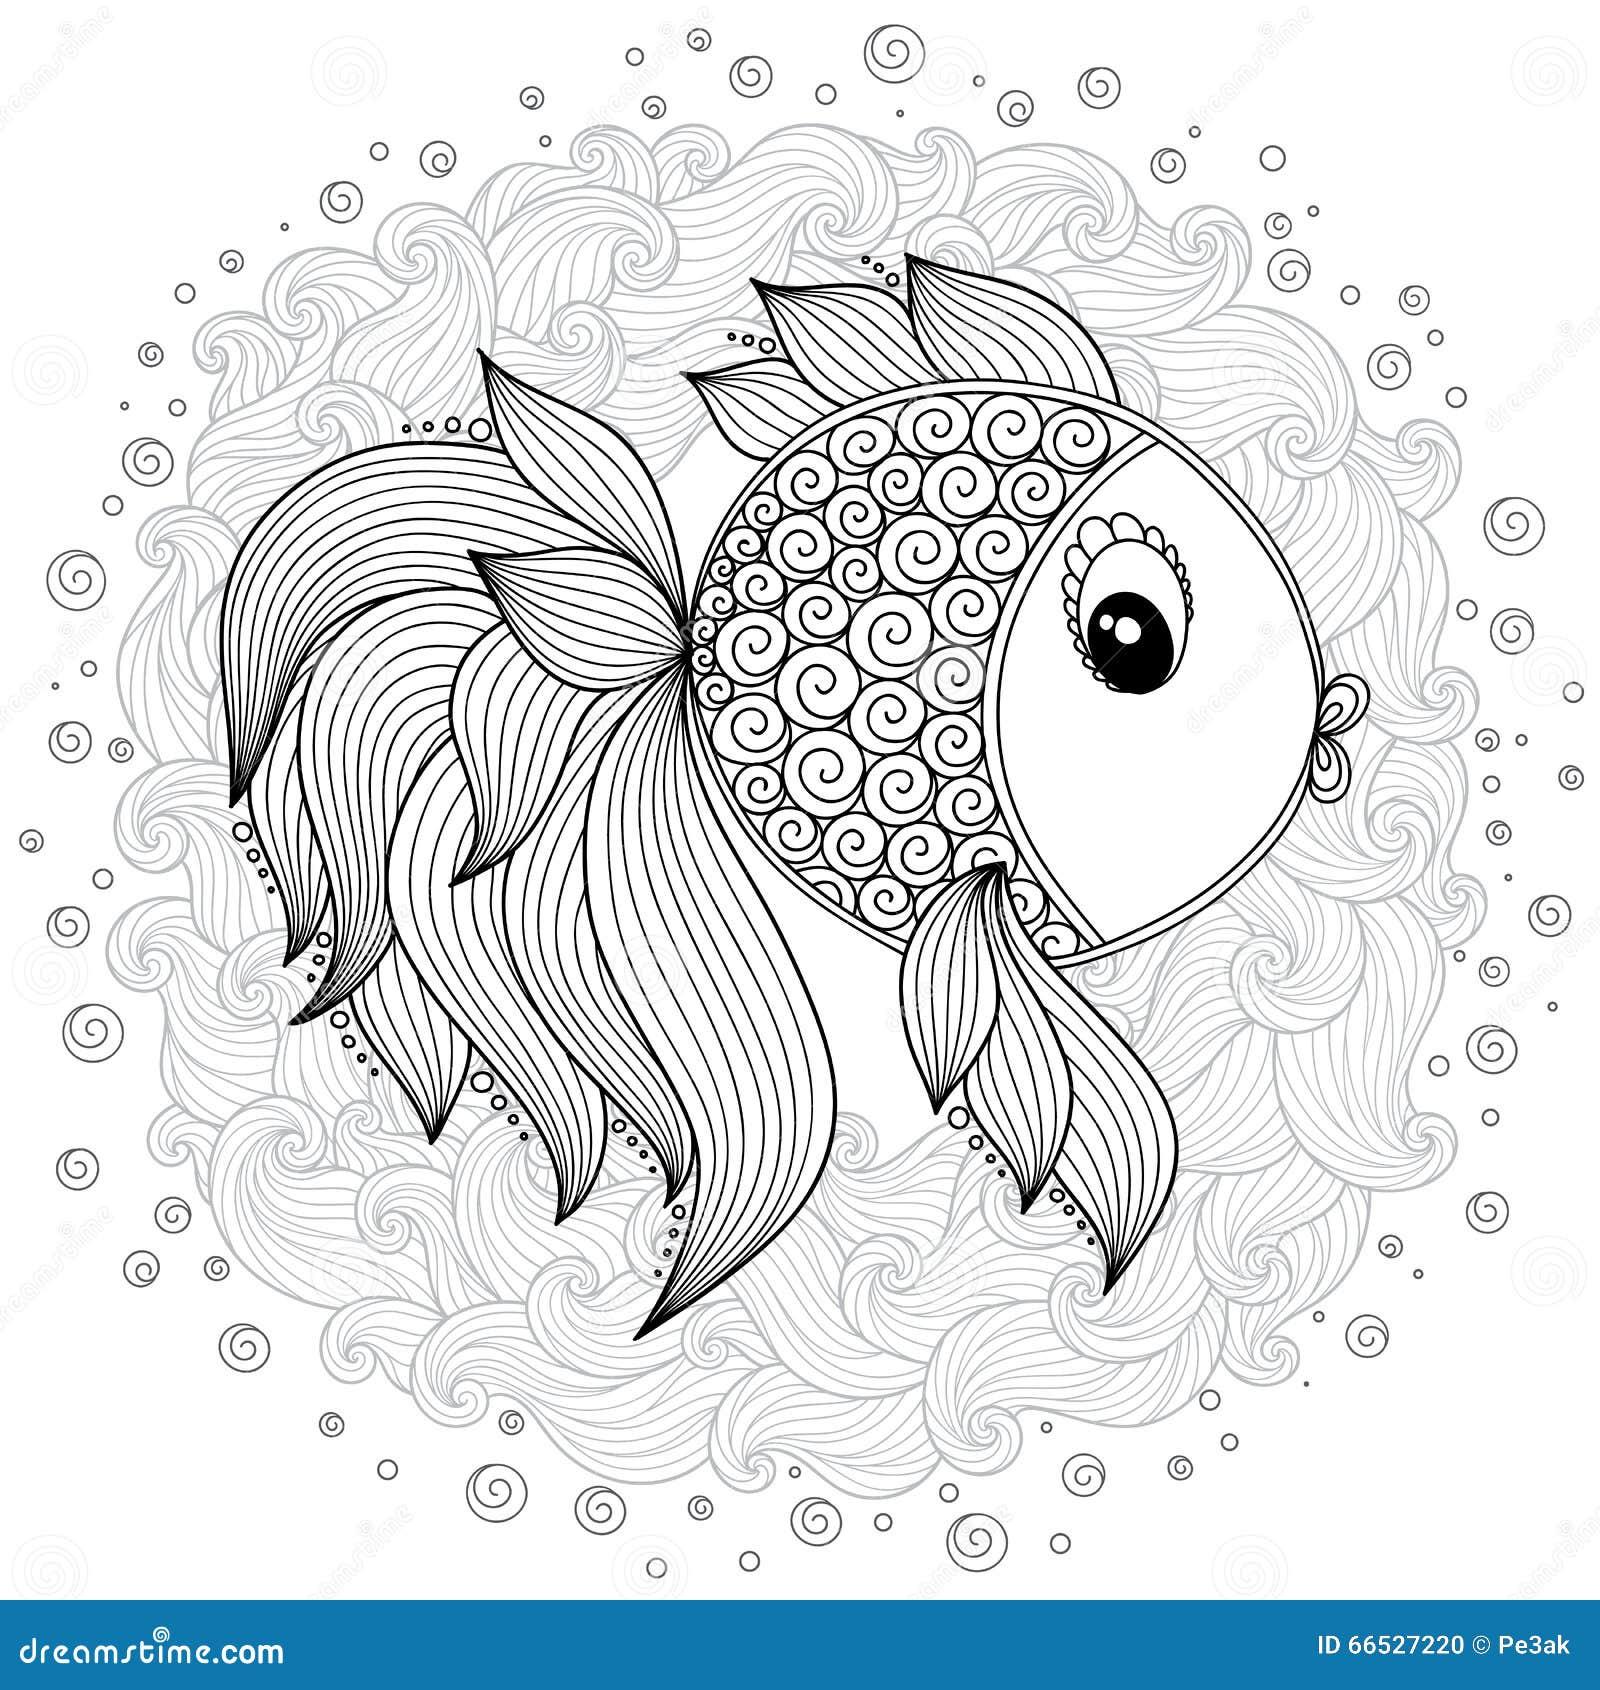 Kleurplaat Carousel Pattern For Coloring Book Vector Cute Cartoon Fish Stock